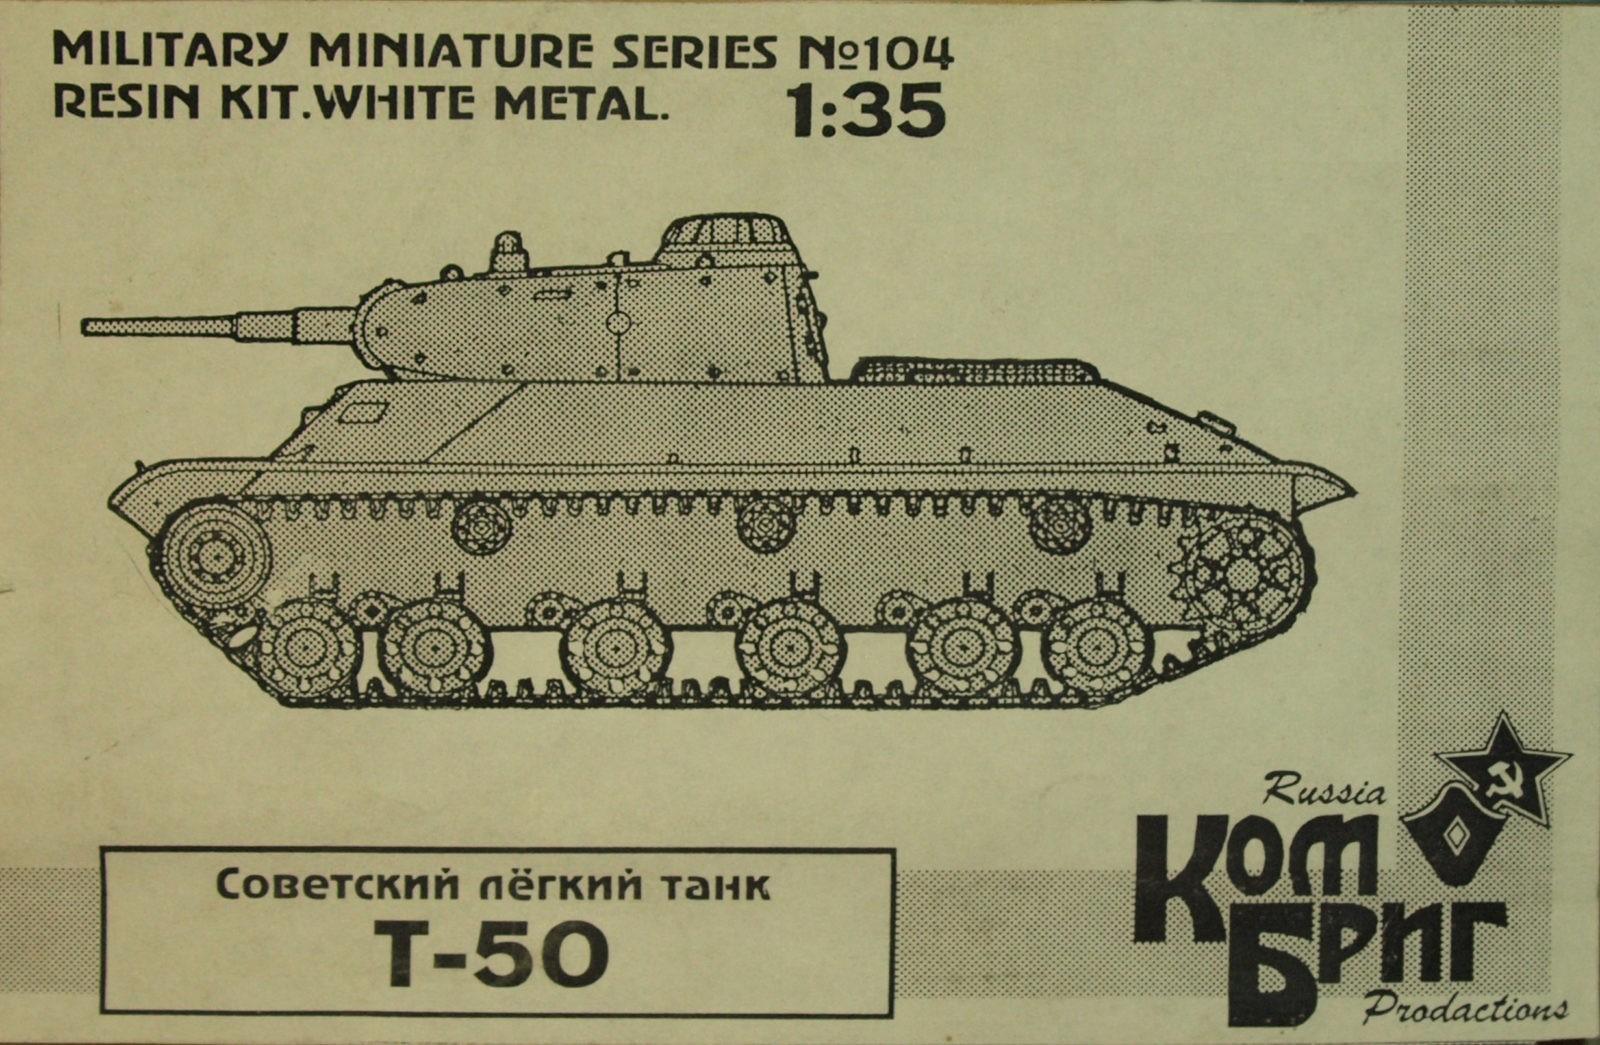 104 Soviet Light Tank T-50 Image